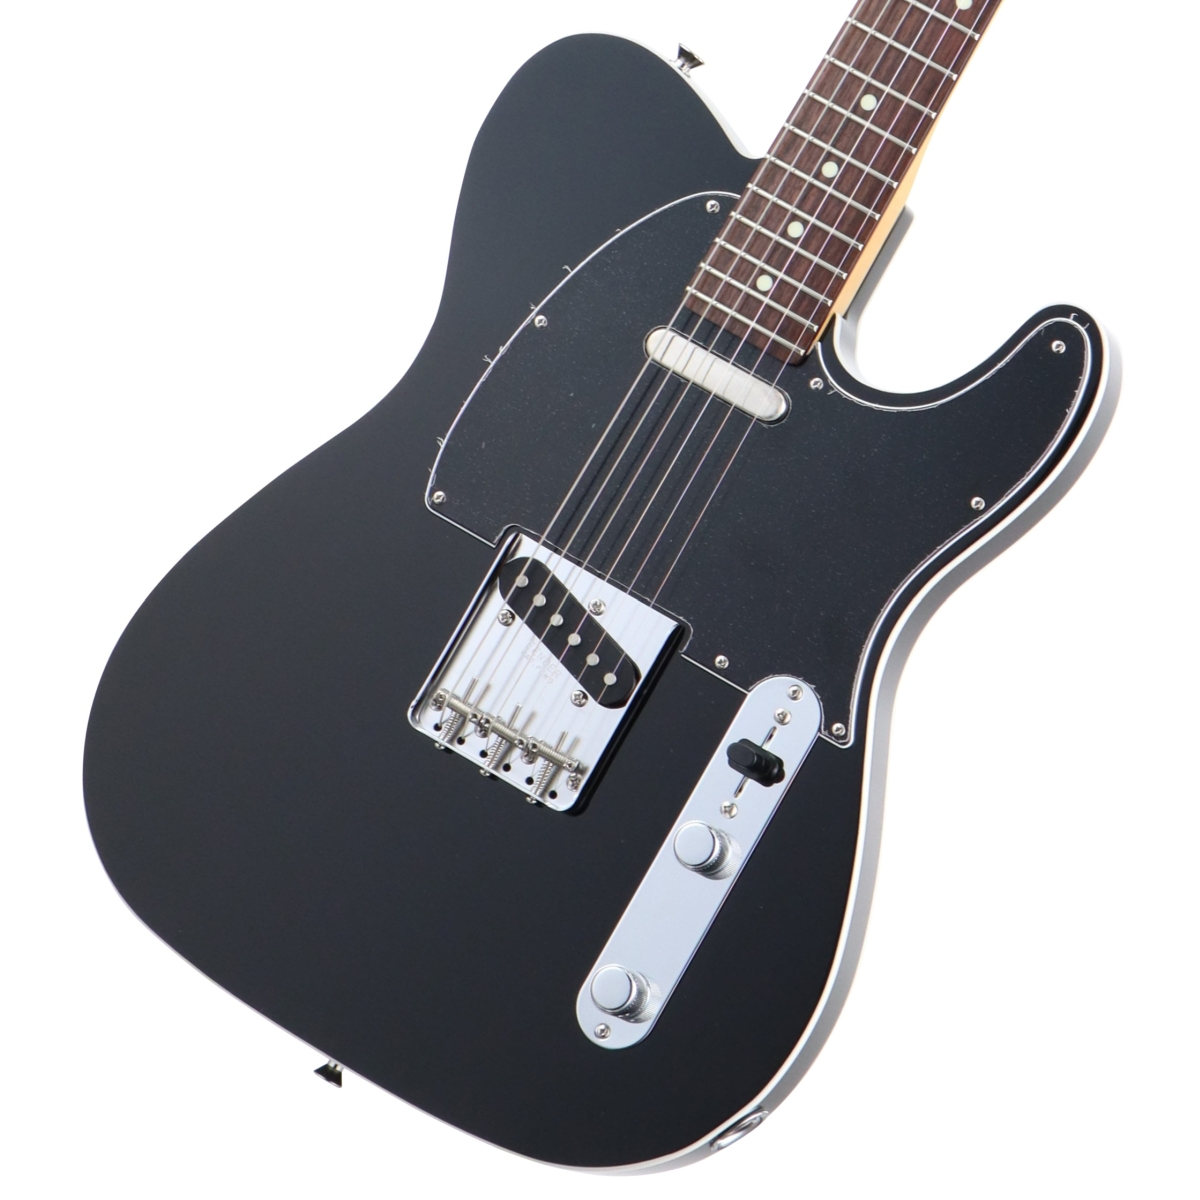 日本製カスタムテレキャスターがFSRで復活 あす楽365日 人気海外一番 Fender ISHIBASHI FSR Made in Japan Traditional 60S Rosewood Black Fingerboard 《純正ケーブル 絶品 Telecaster Custom フェンダー +2306619444005》 ピック1ダースプレゼント YRK